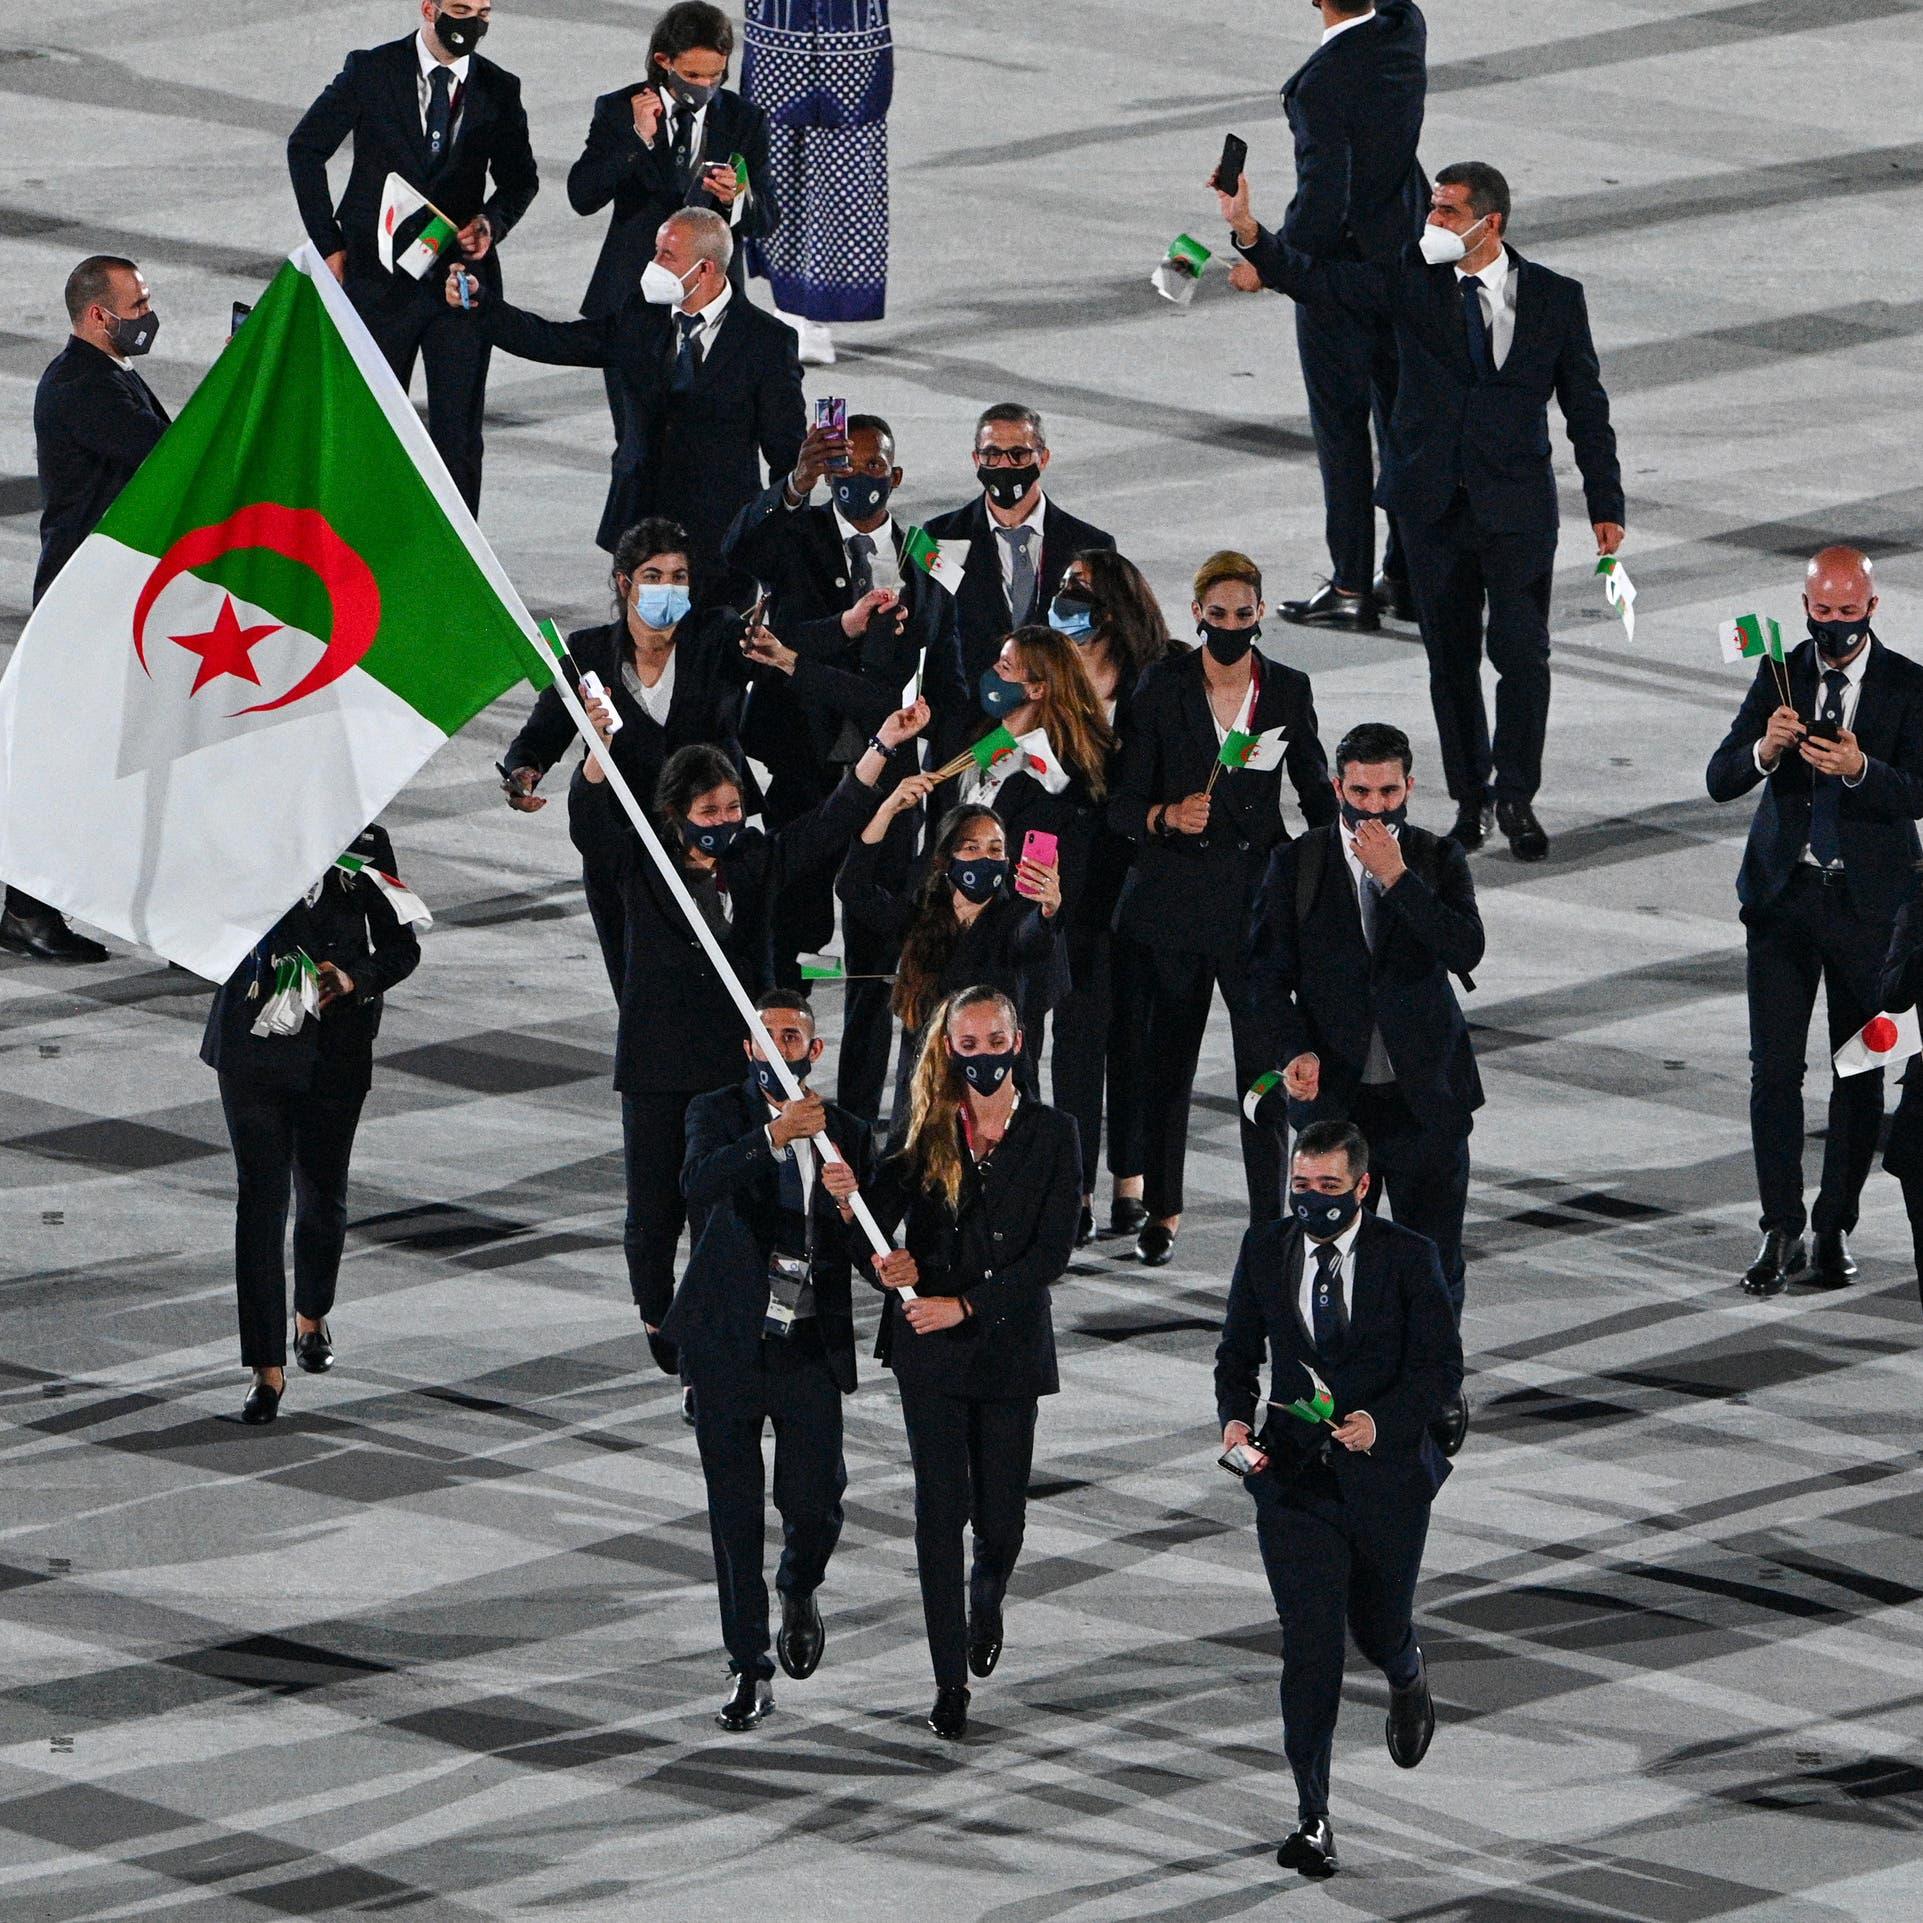 كورونا يضرب البعثة الجزائرية في أولمبياد طوكيو